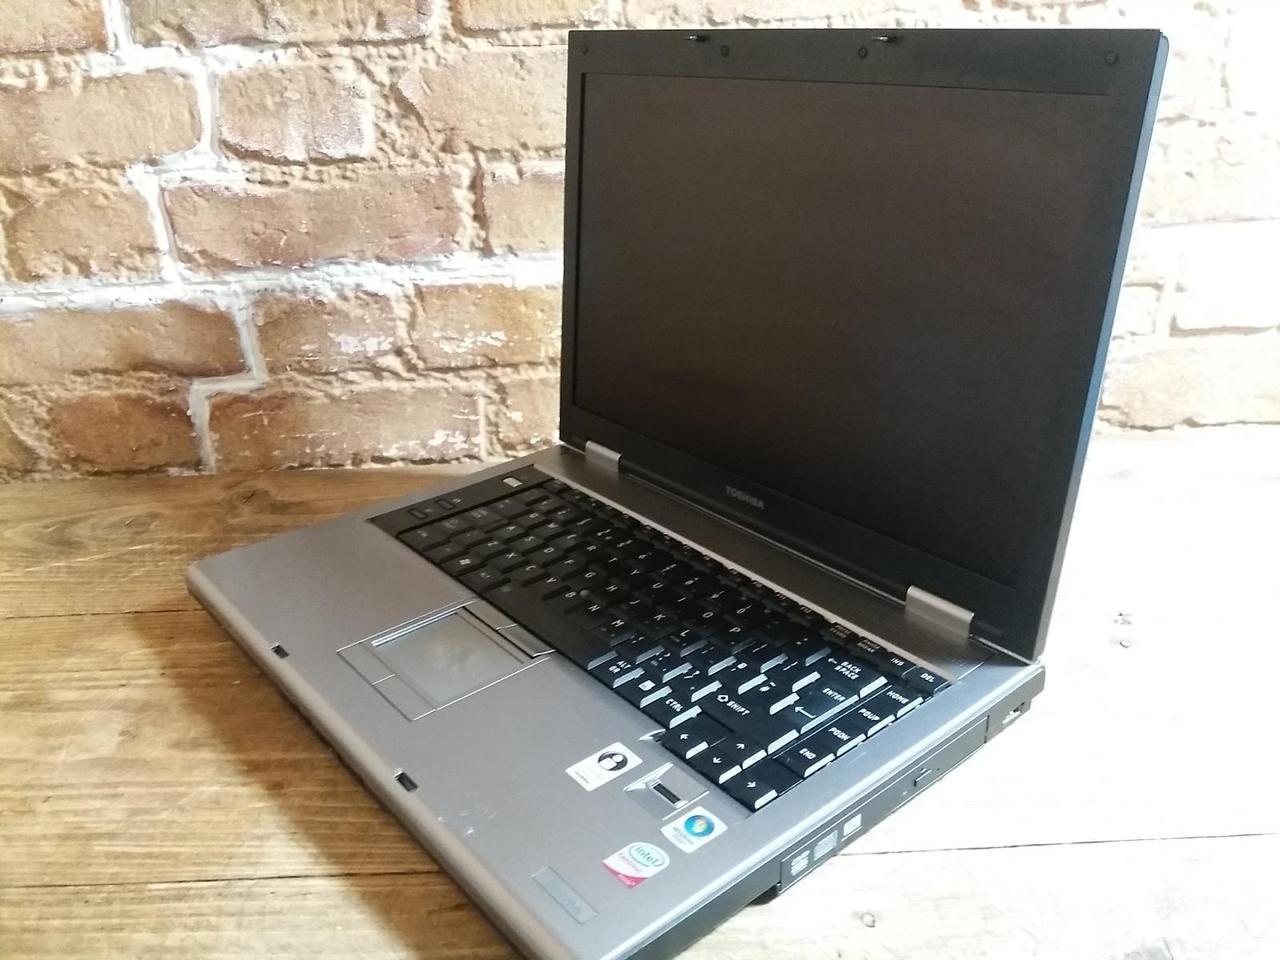 Ноутбук Toshiba TECRA A9 (2 ядра по 2,0 Ггц,2 Гб ОЗУ, 80 Гб HDD).Гарантия 30 дней